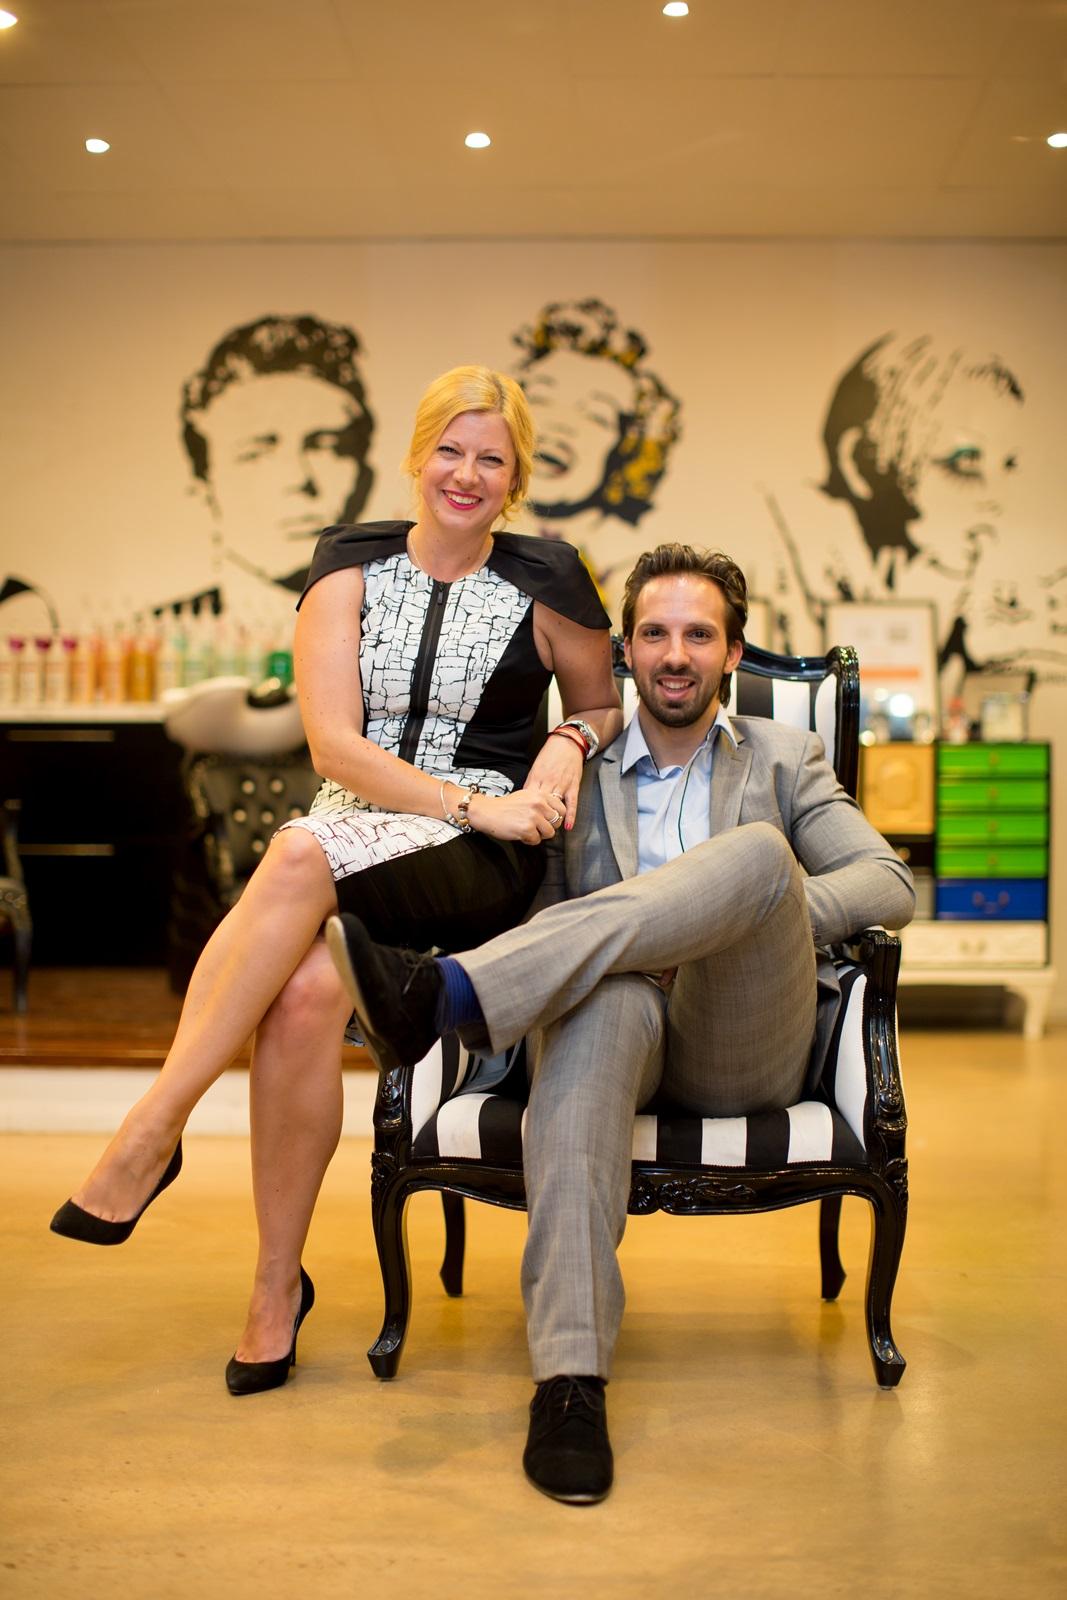 Uros & Mojca chair